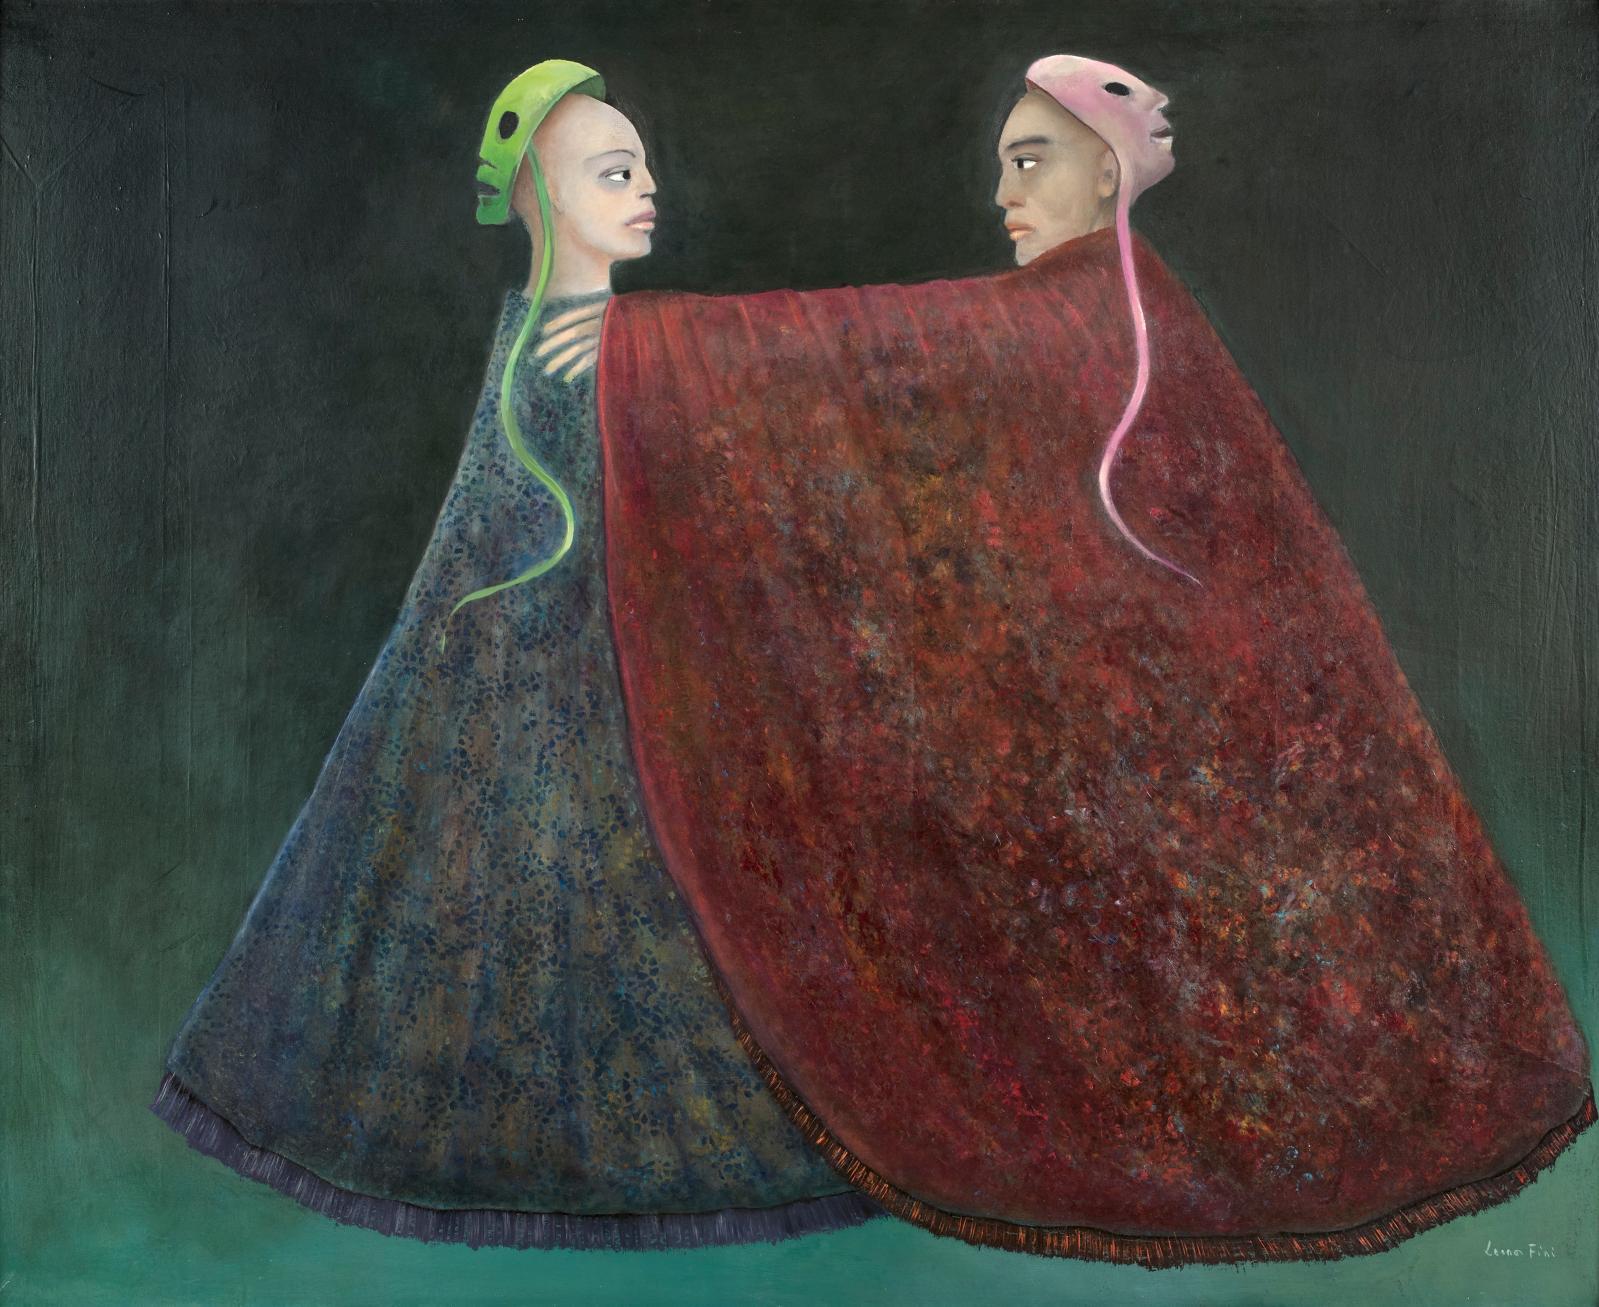 Leonor Fini (1908-1996), Les Apatrides (the stateless), 1994, oil on canvas, 81 x 100 cm/31.89 x 39.38 in.Estimate: €15,000/25,000